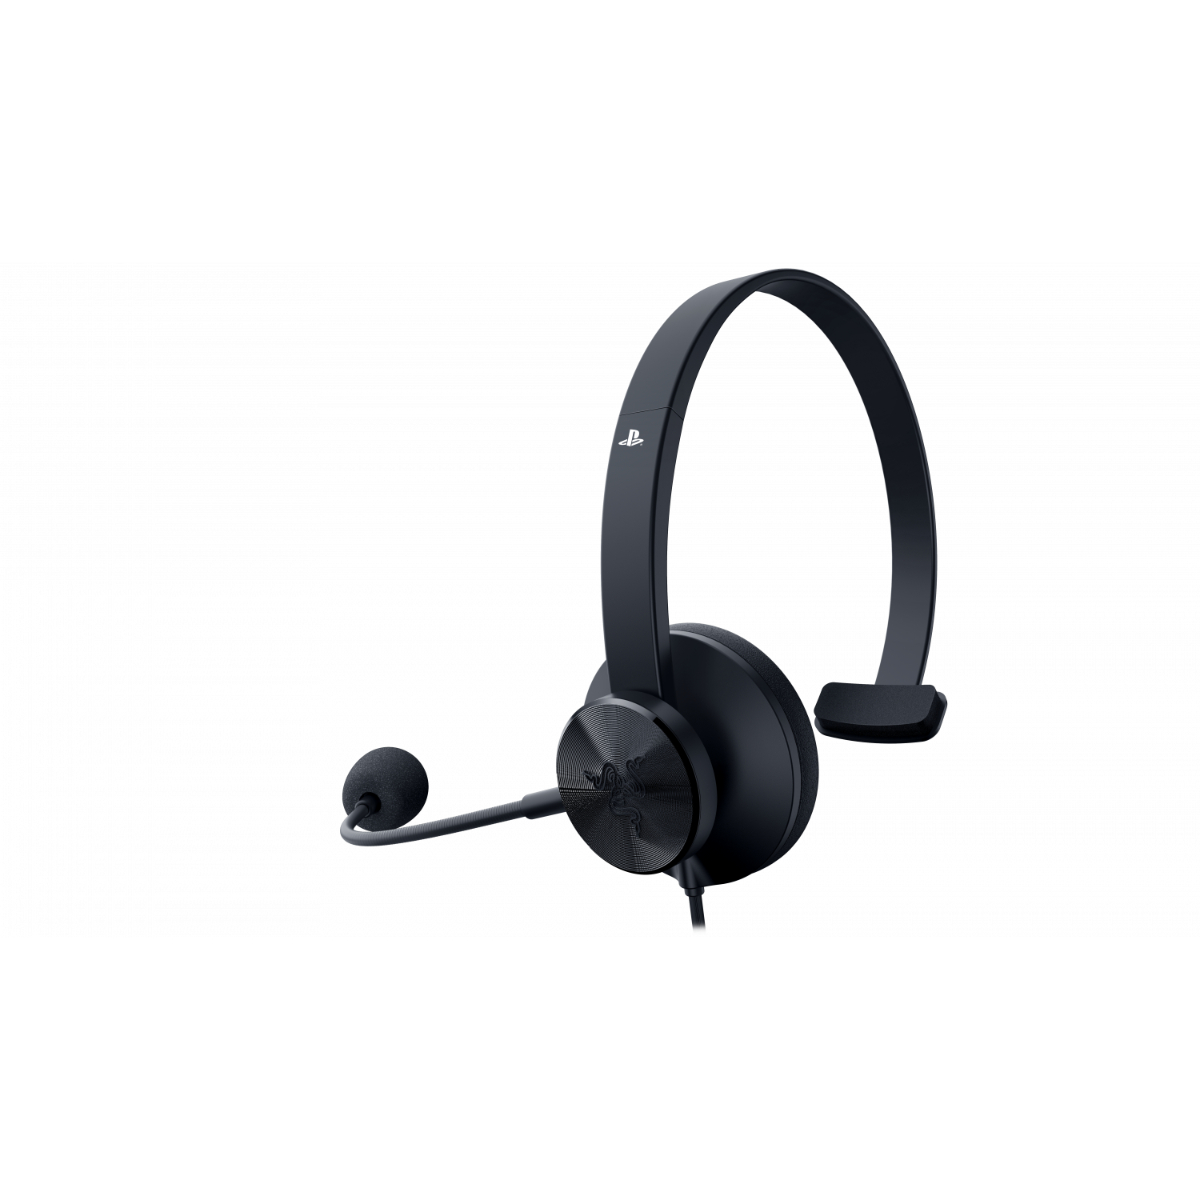 אוזניות צ'יט Tetra PS4 Razer